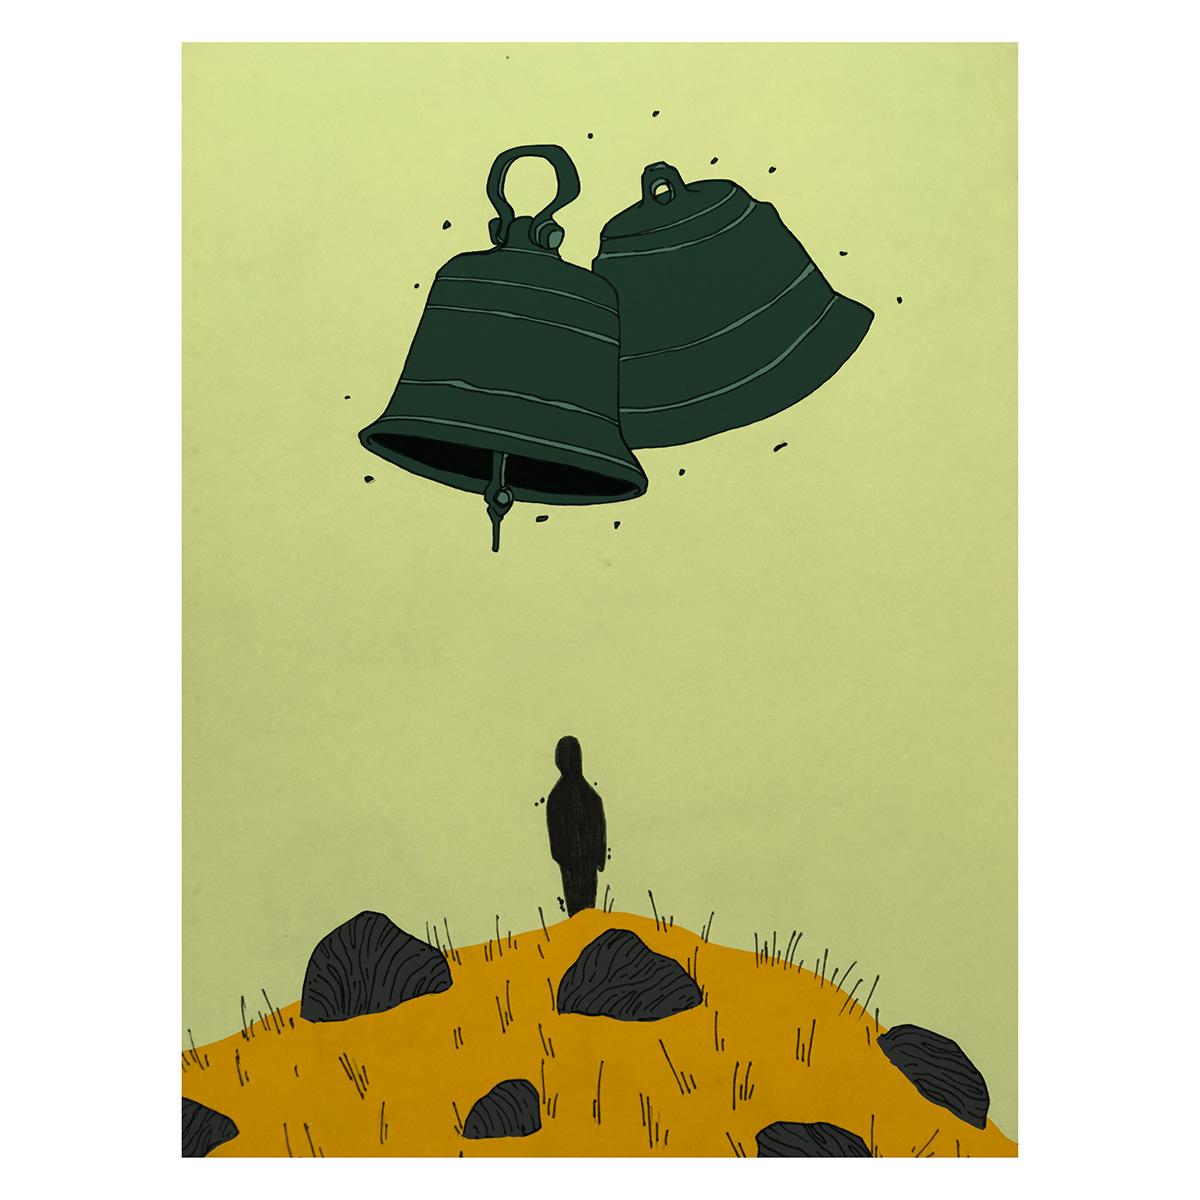 ILLUSTRATION  Digital Art  Poetry  journal Illustrator